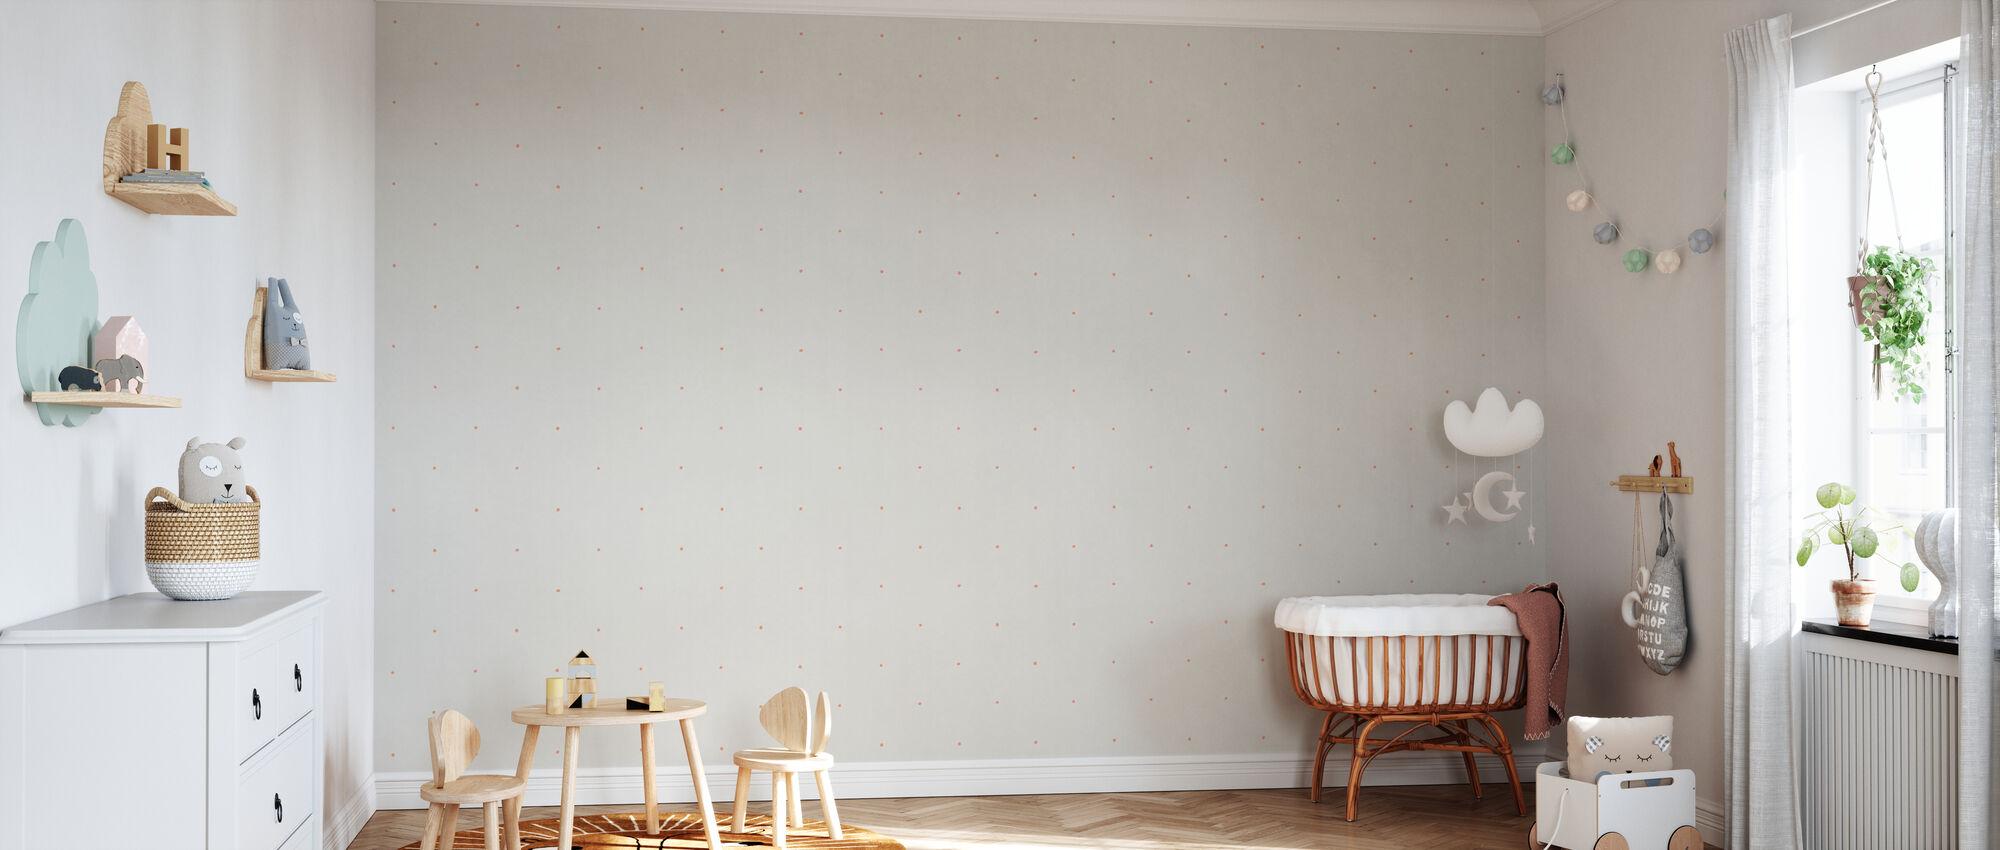 Berries Rose - Wallpaper - Nursery